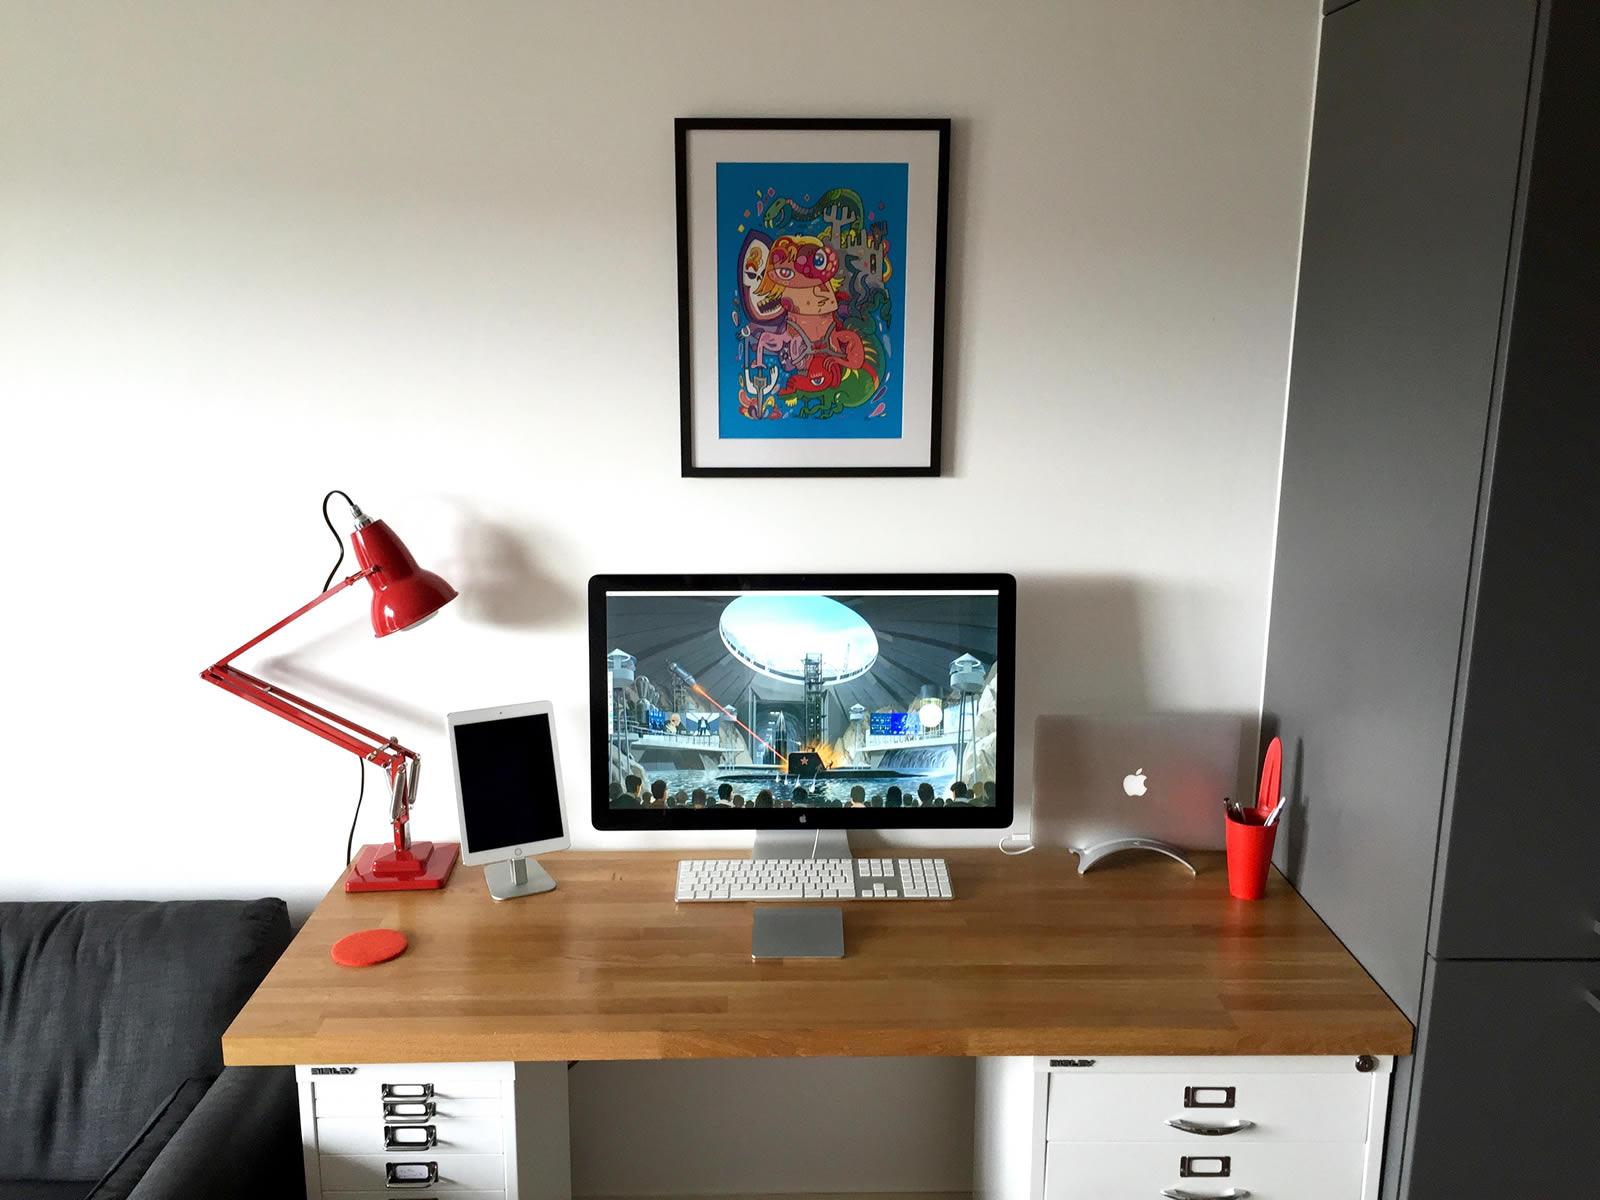 Home Office Desk Set up